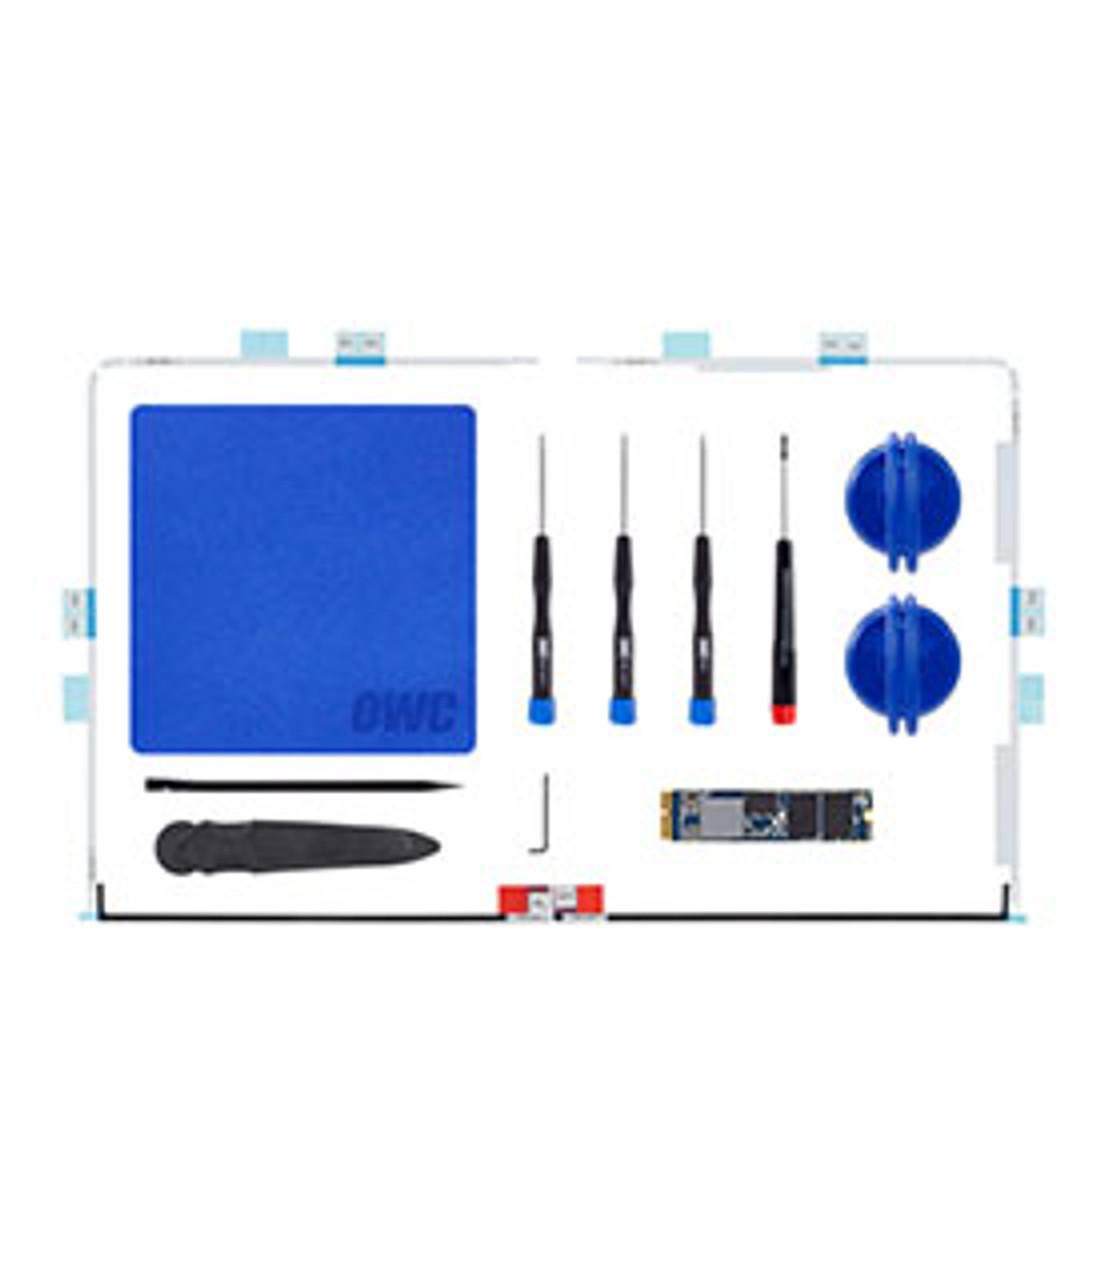 OWCS3DAPT4MA02K_Aura Pro X2 iMac upgrade kit